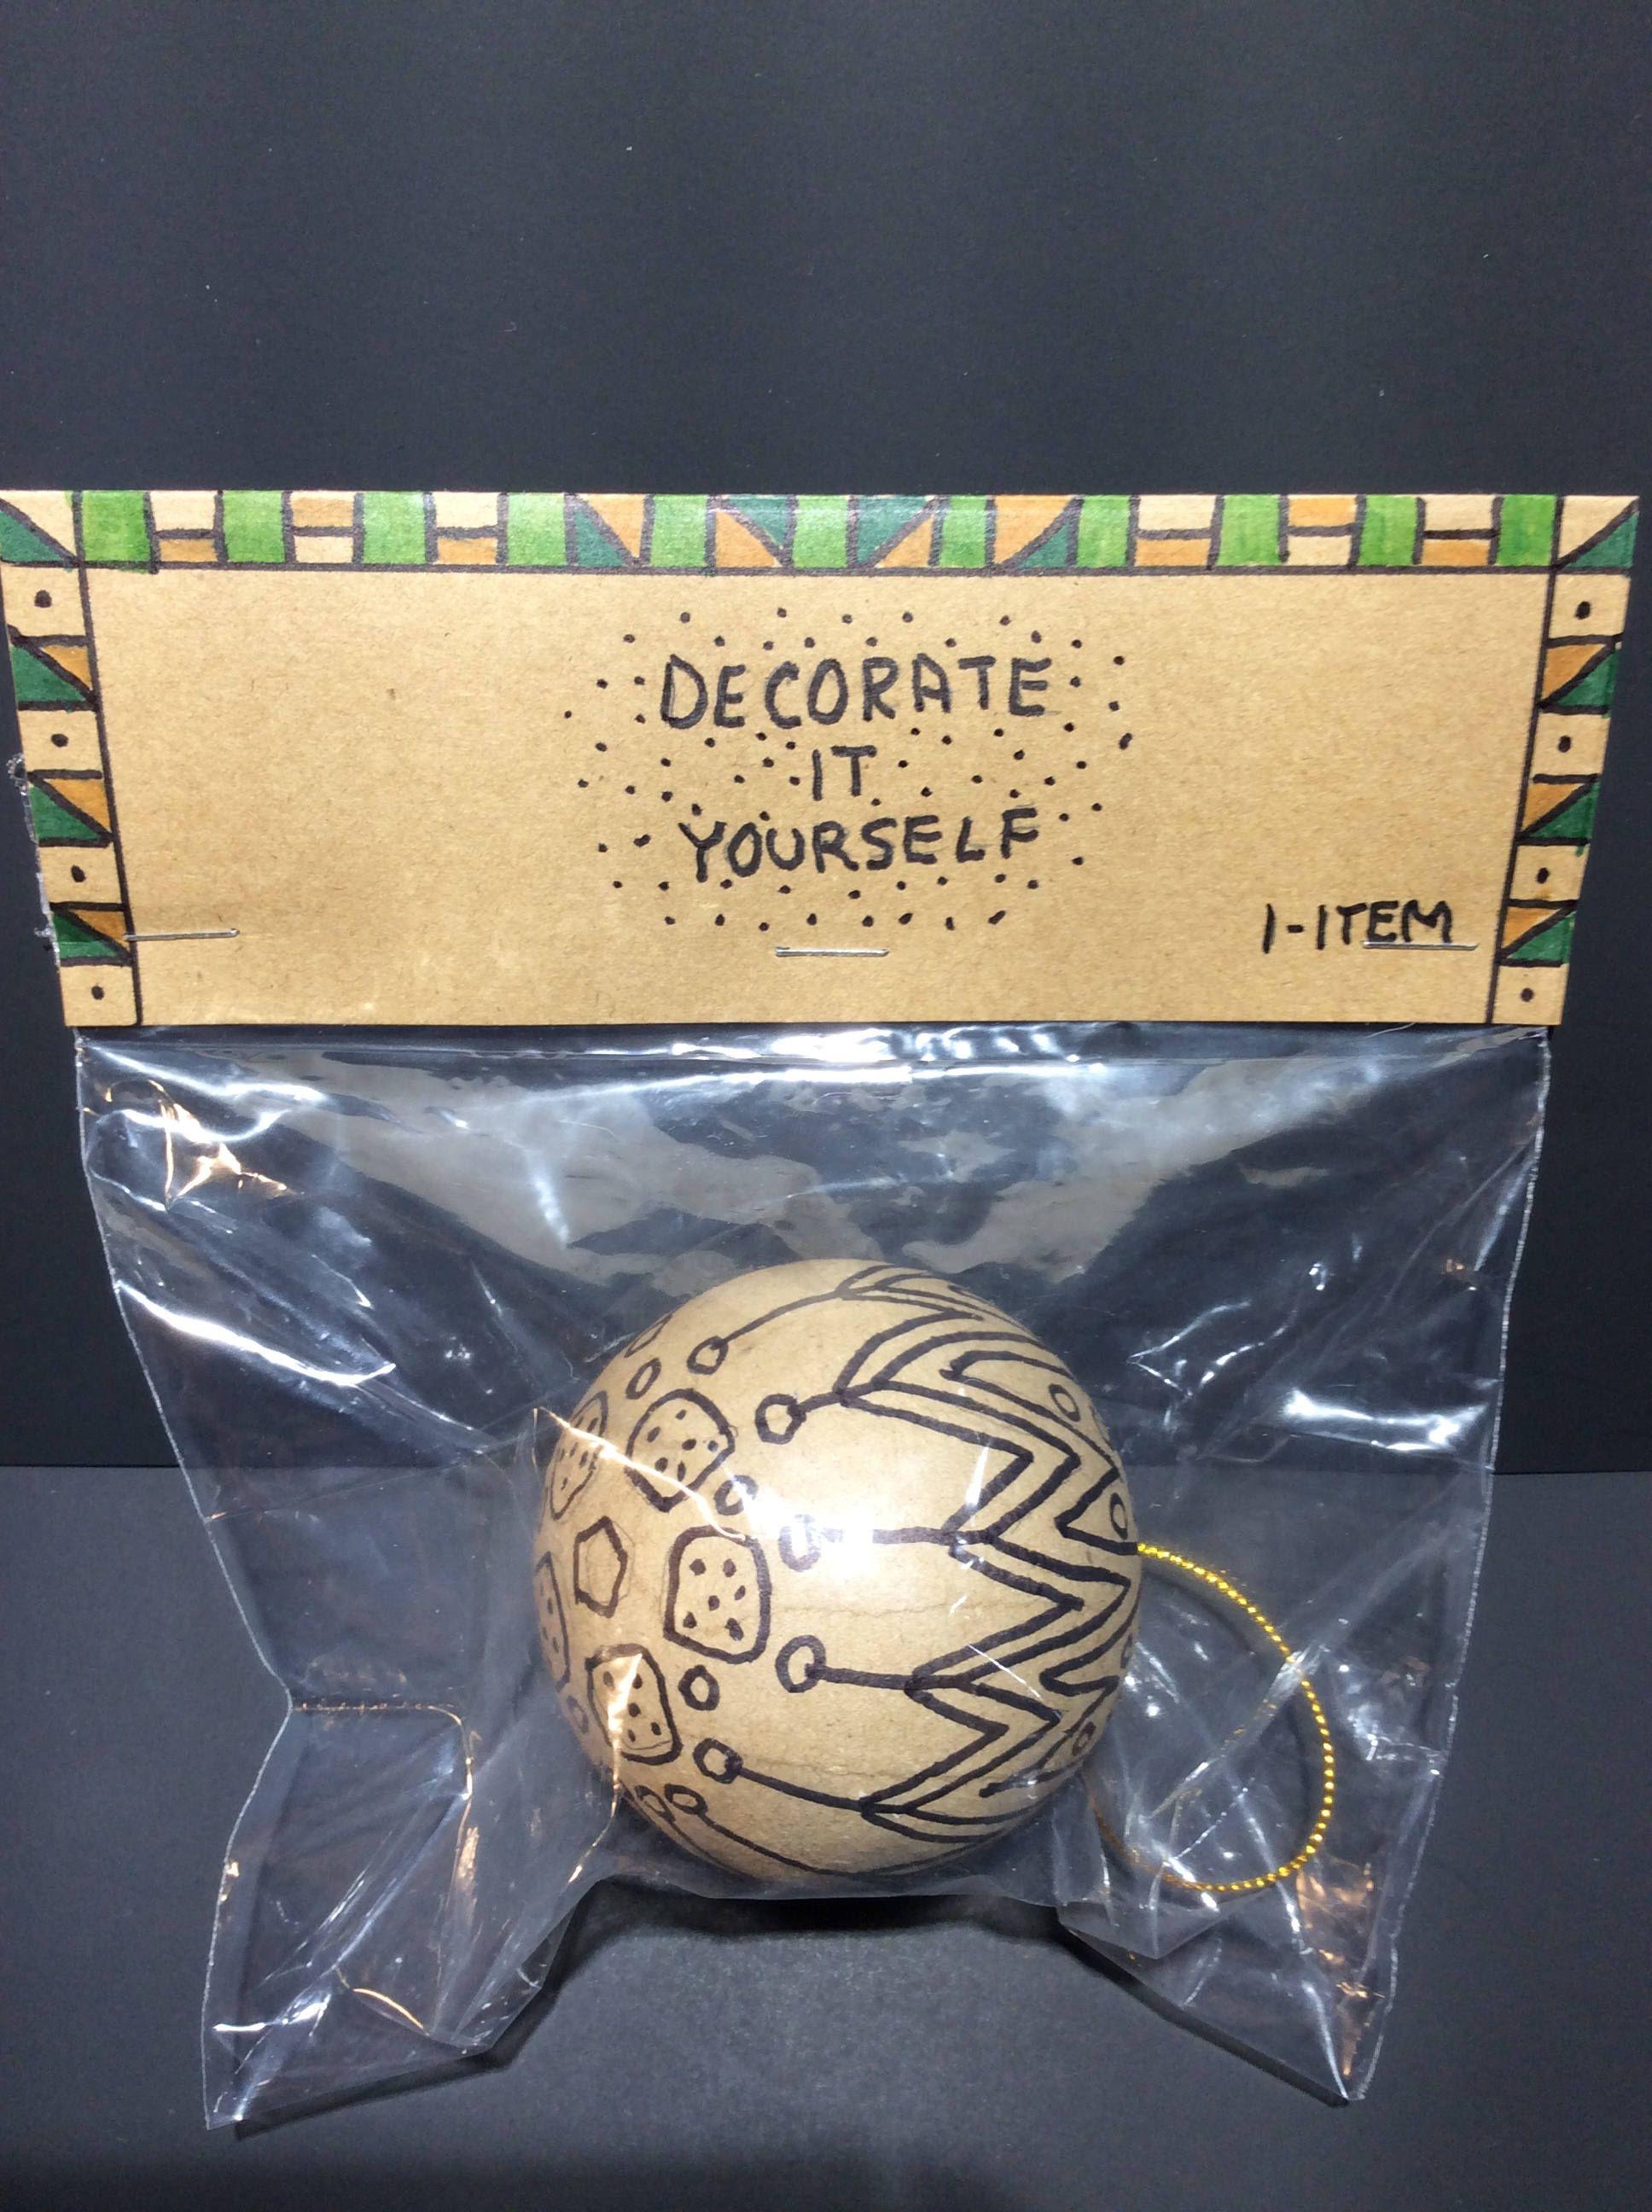 U Decorate It \